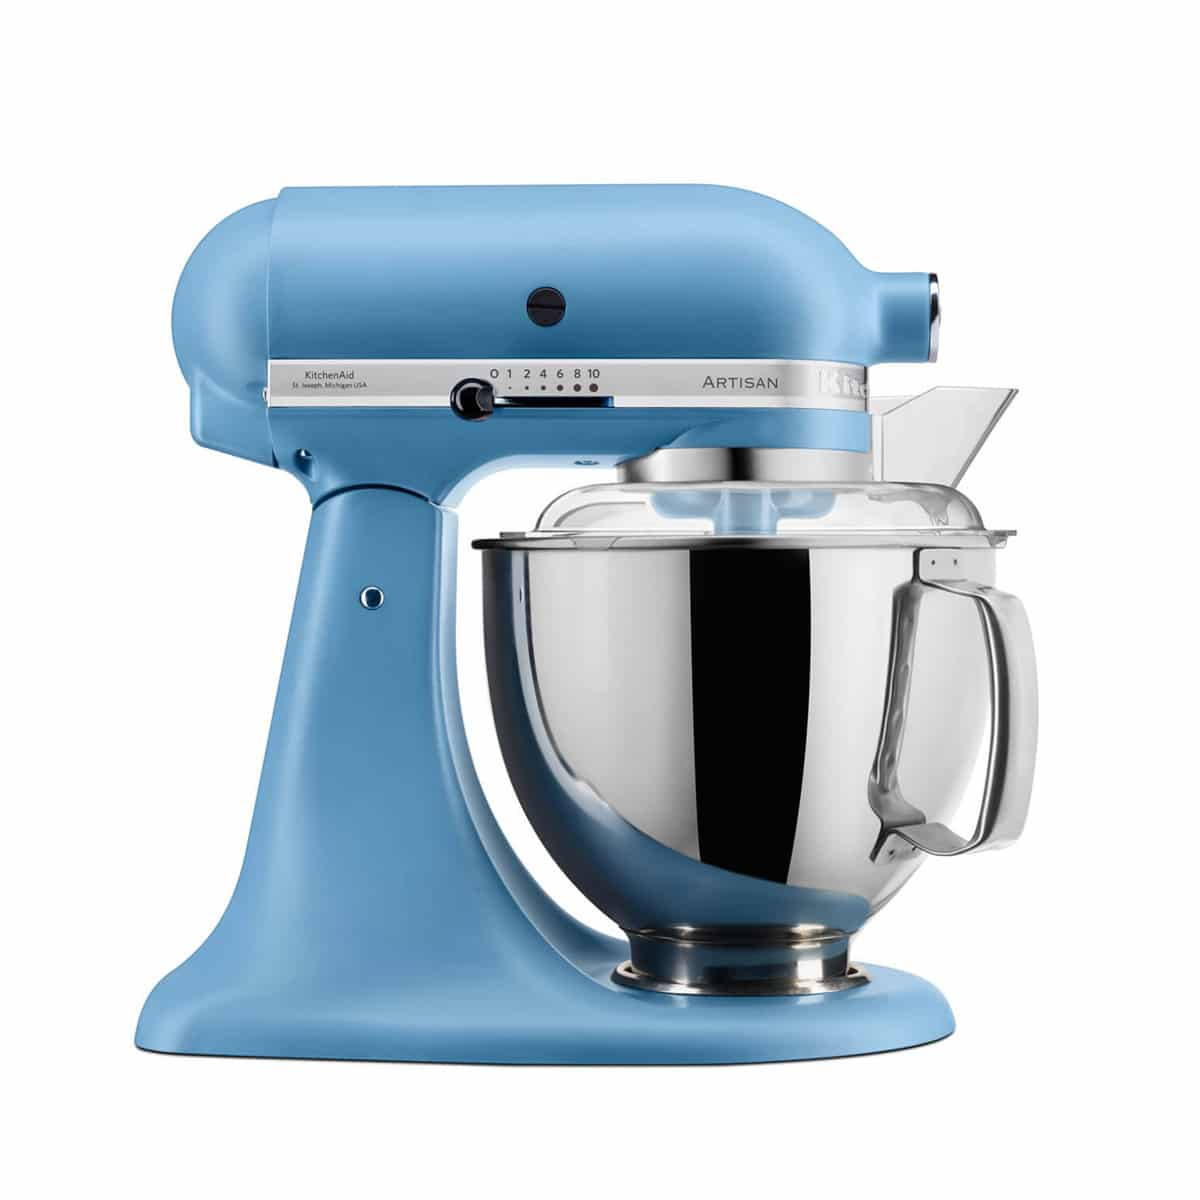 KitchenAid samostojeći mikser Artisan (4,8 l) – 5KSM175PS - BoysenberryKitchenAid samostojeći mikser Artisan (4,8 l) – 5KSM175PS - Velvet Blue